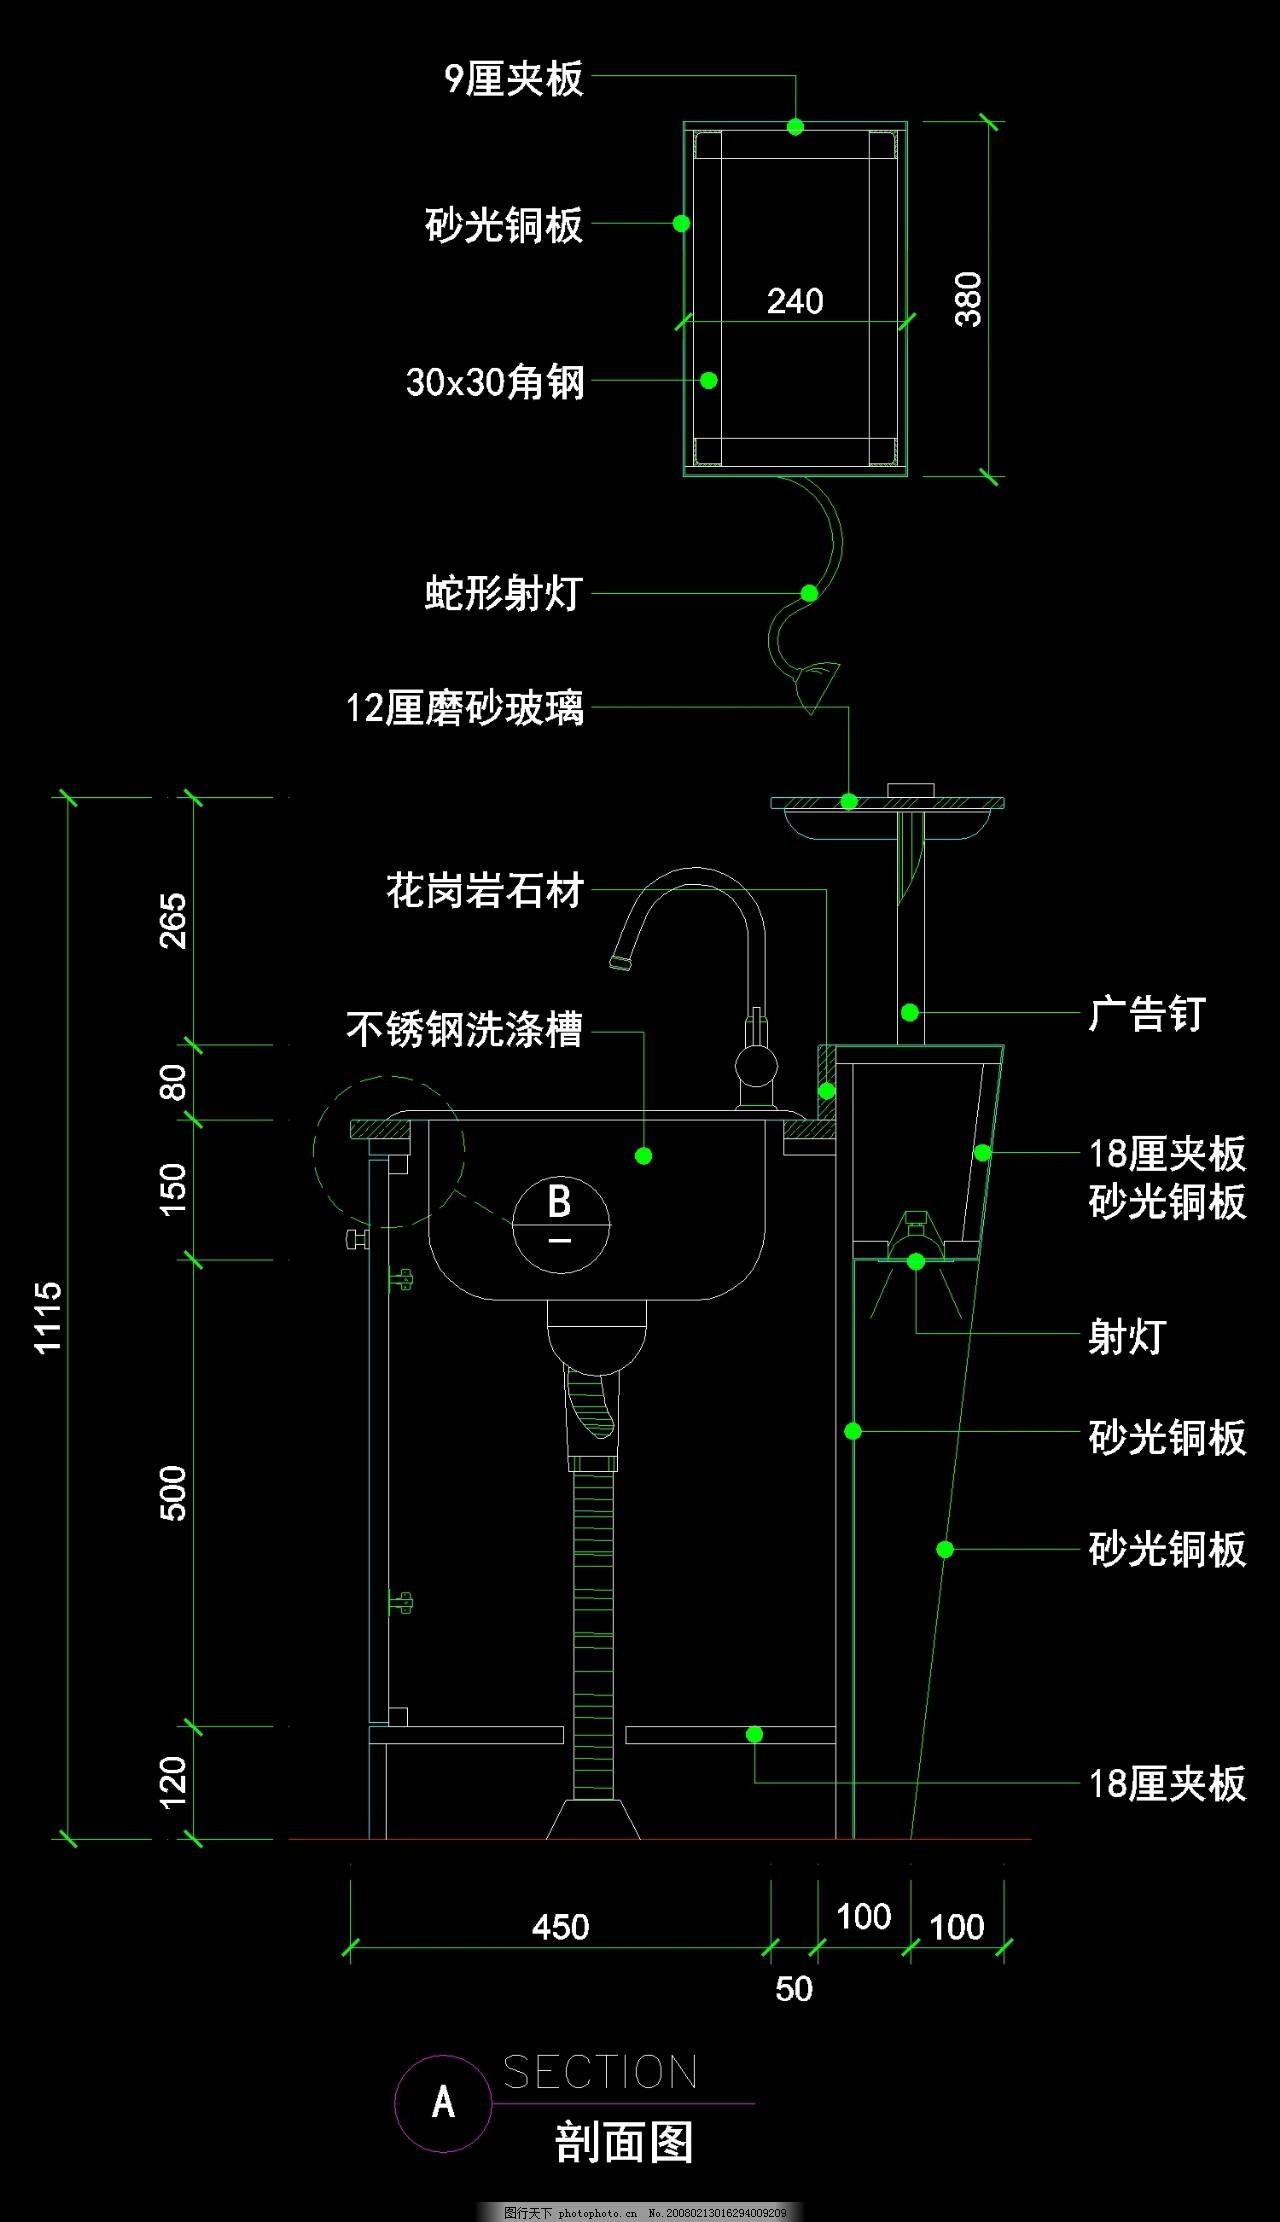 吧台详图0061 娱乐类